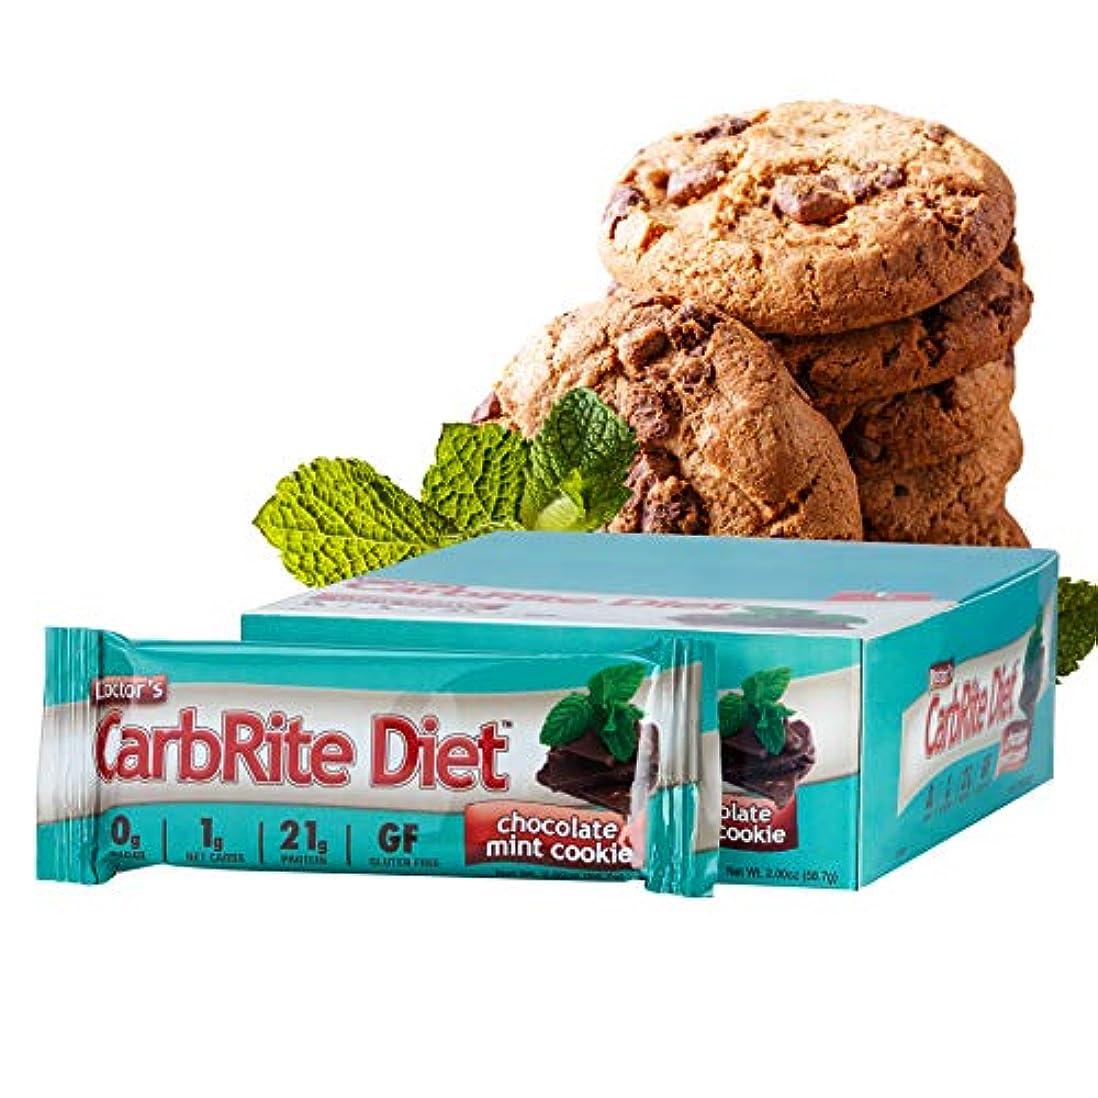 控えめなリブ熱望するドクターズダイエット?カーボライト?バー?チョコレートミントクッキー 12本